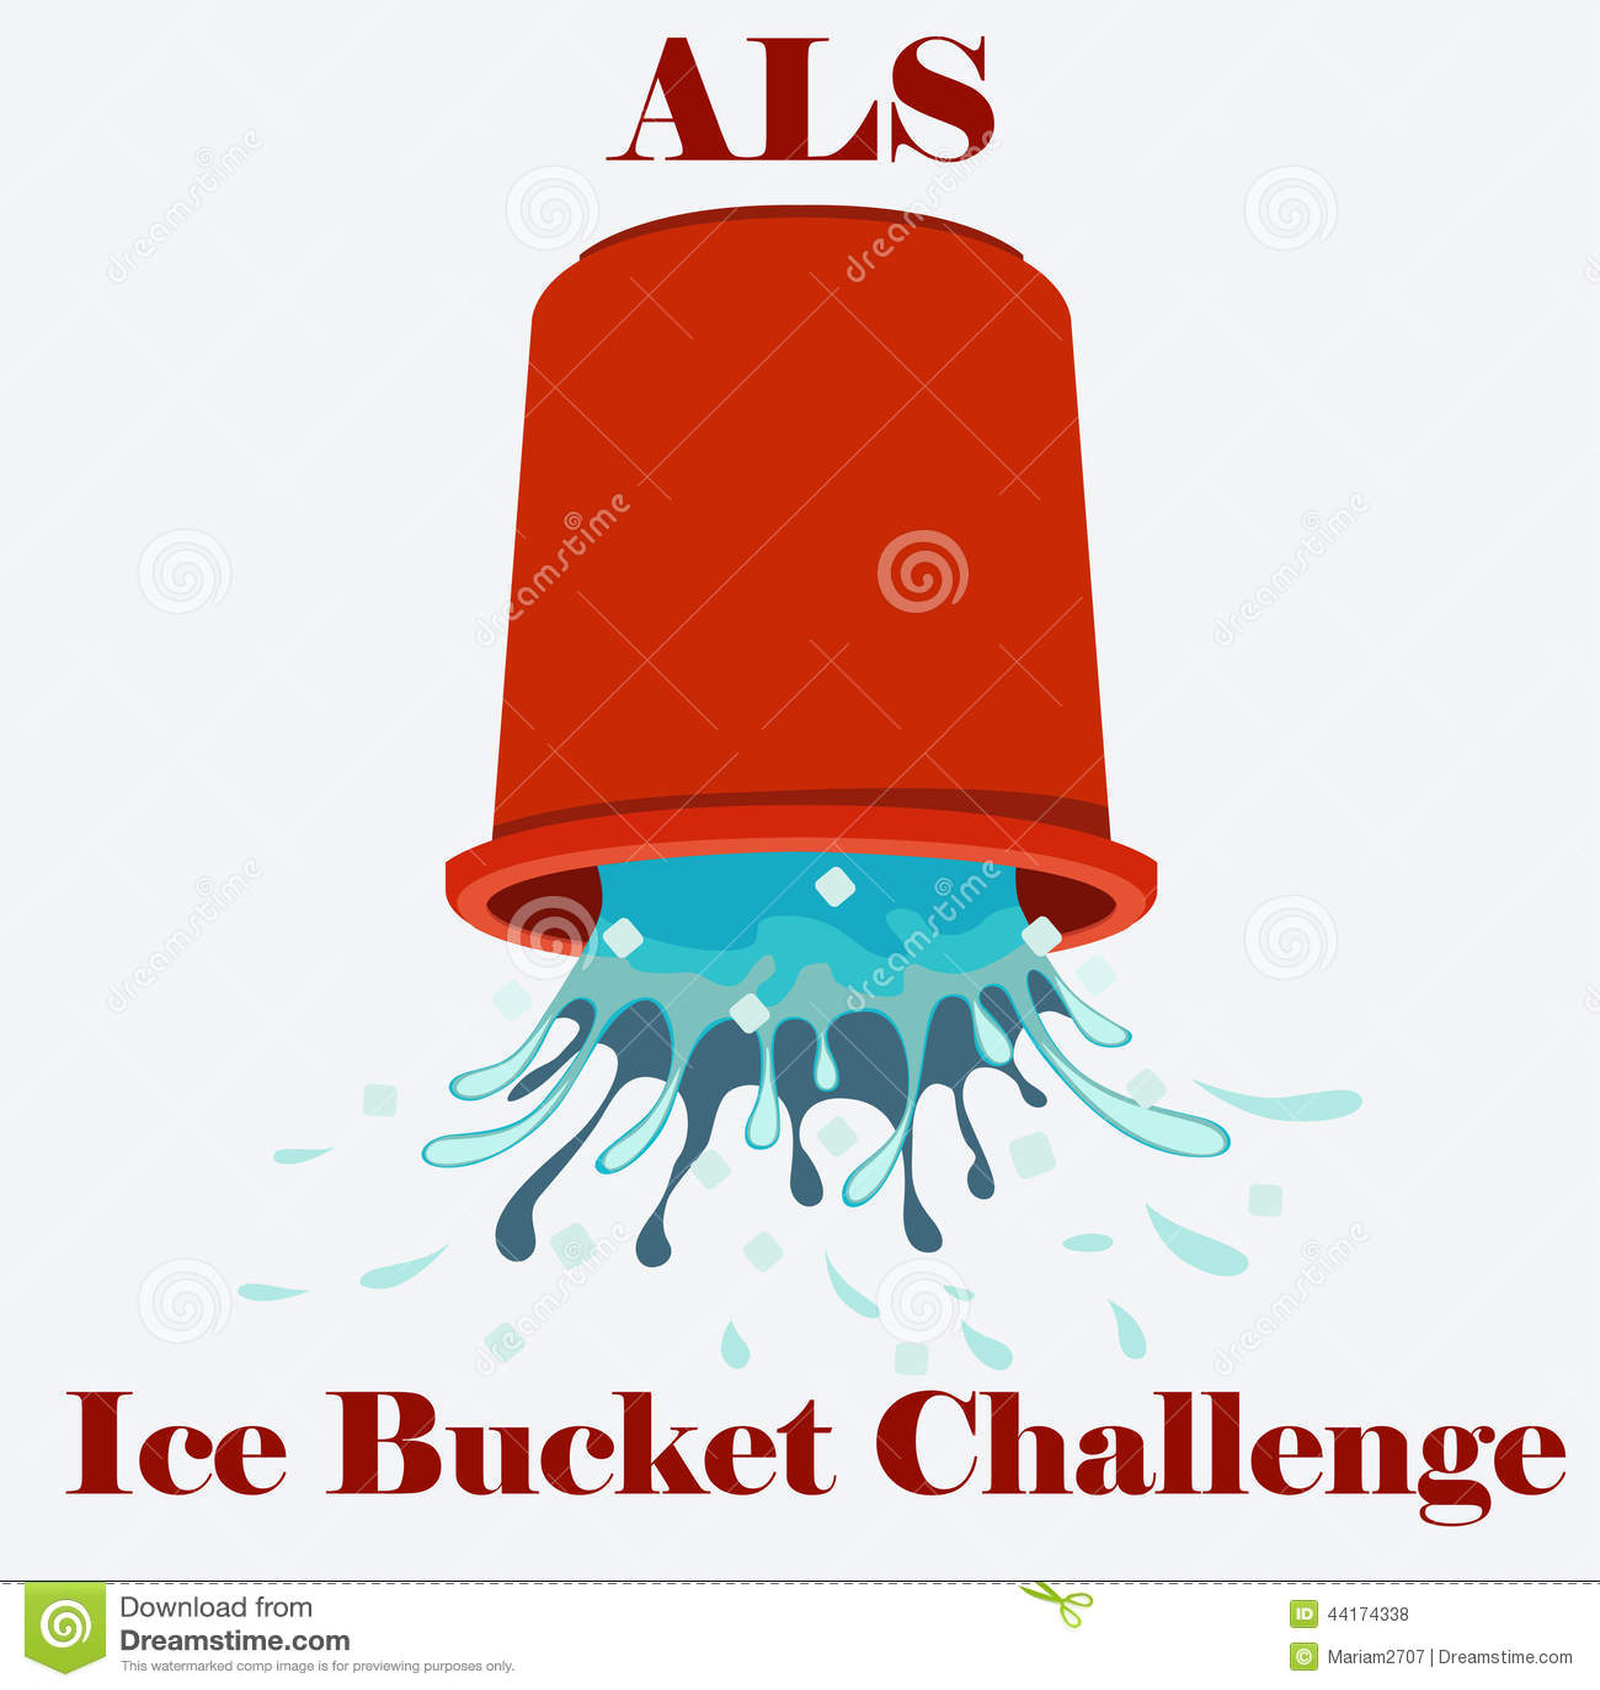 ALS Ice Bucket Challenge Concept Vector Stock Vector ...